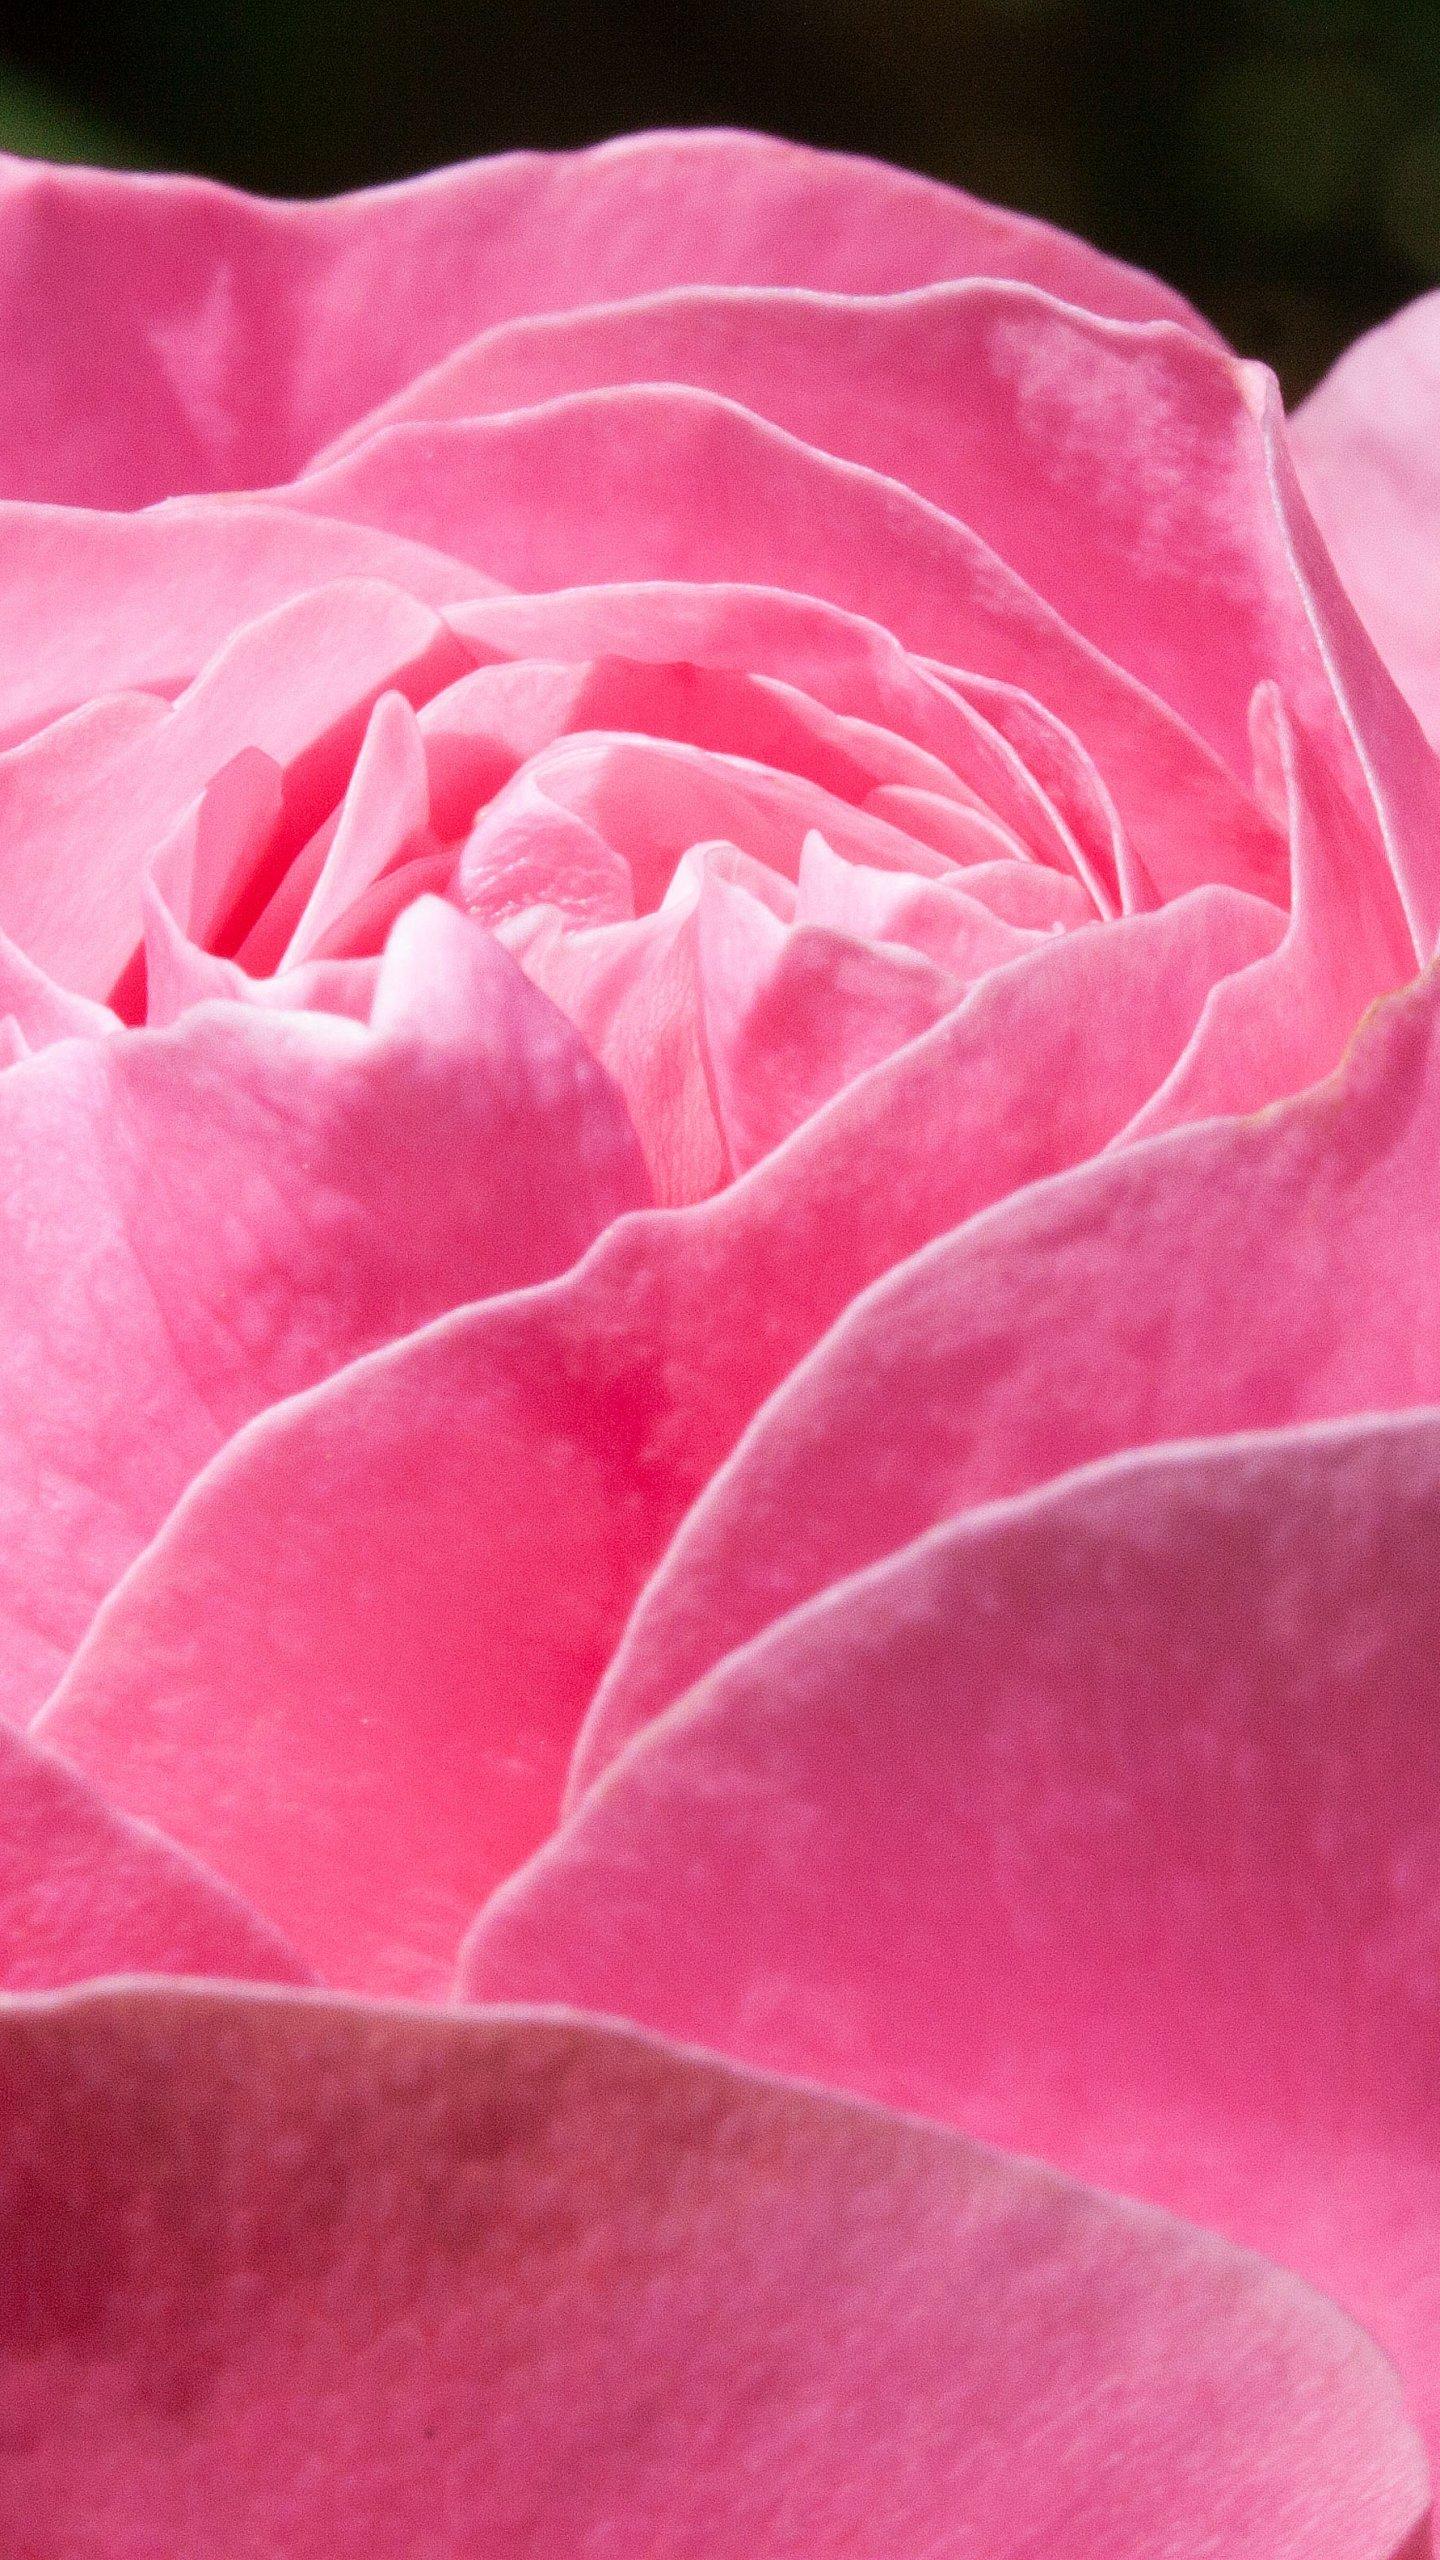 Pink rose wallpaper mobile desktop background - Pink rose black background wallpaper ...